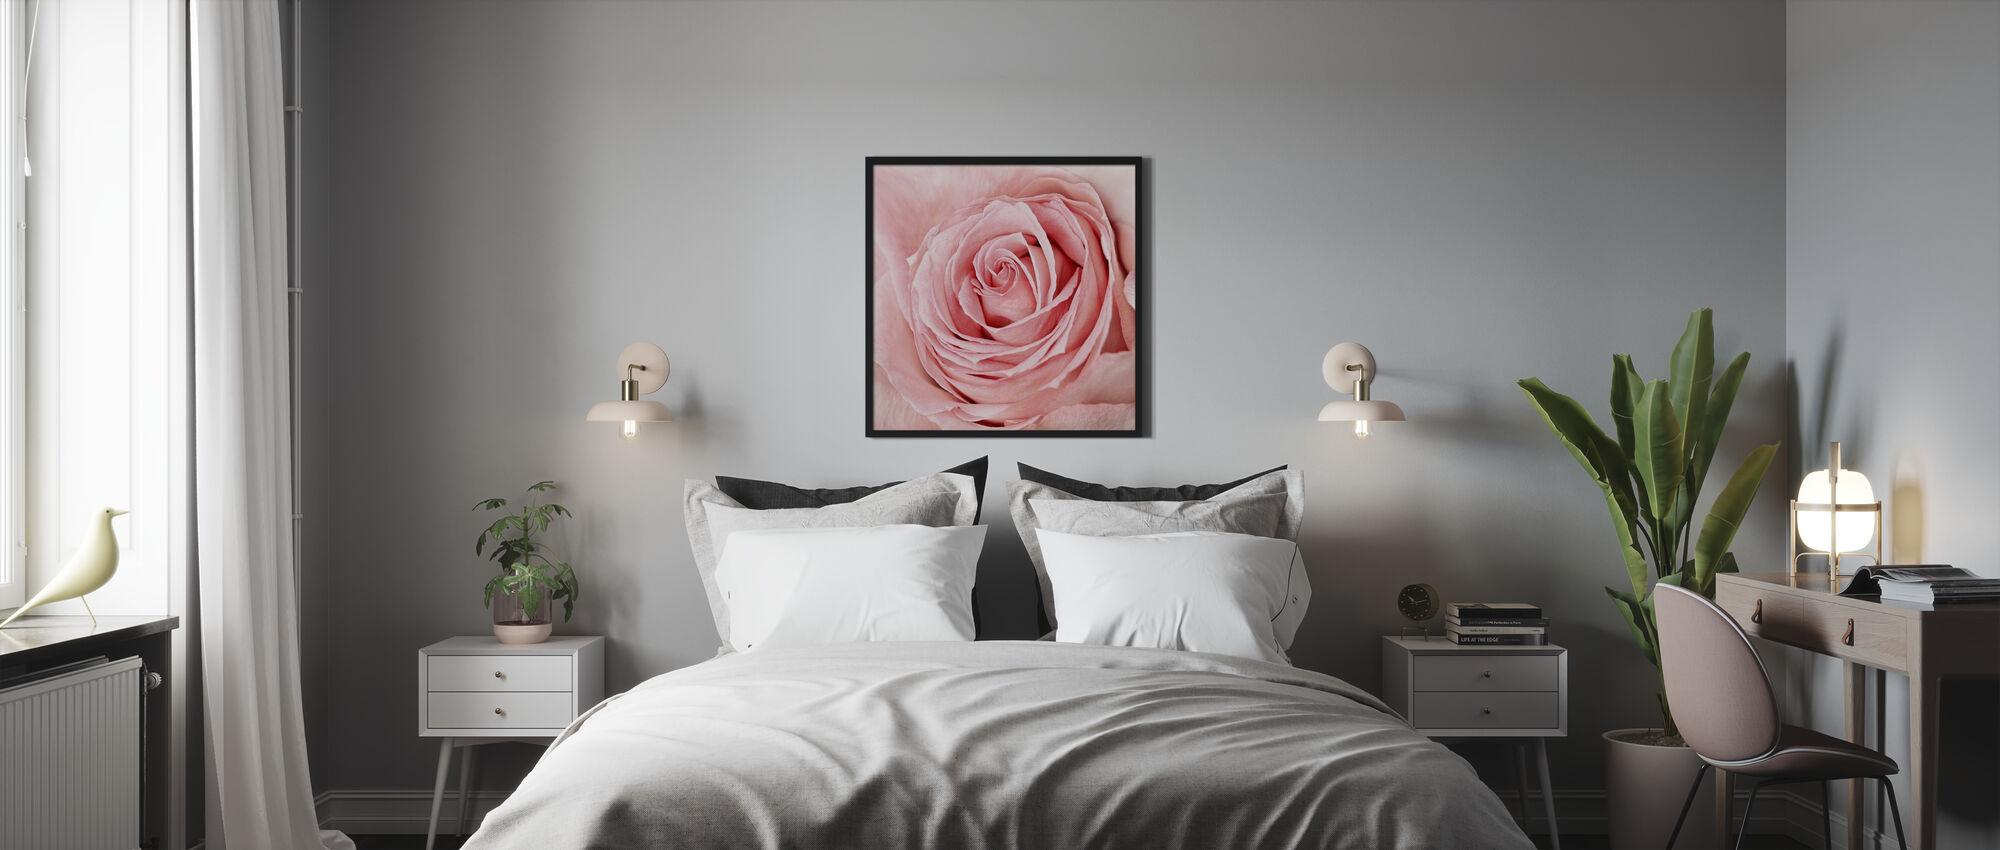 Solitario - Stampa incorniciata - Camera da letto